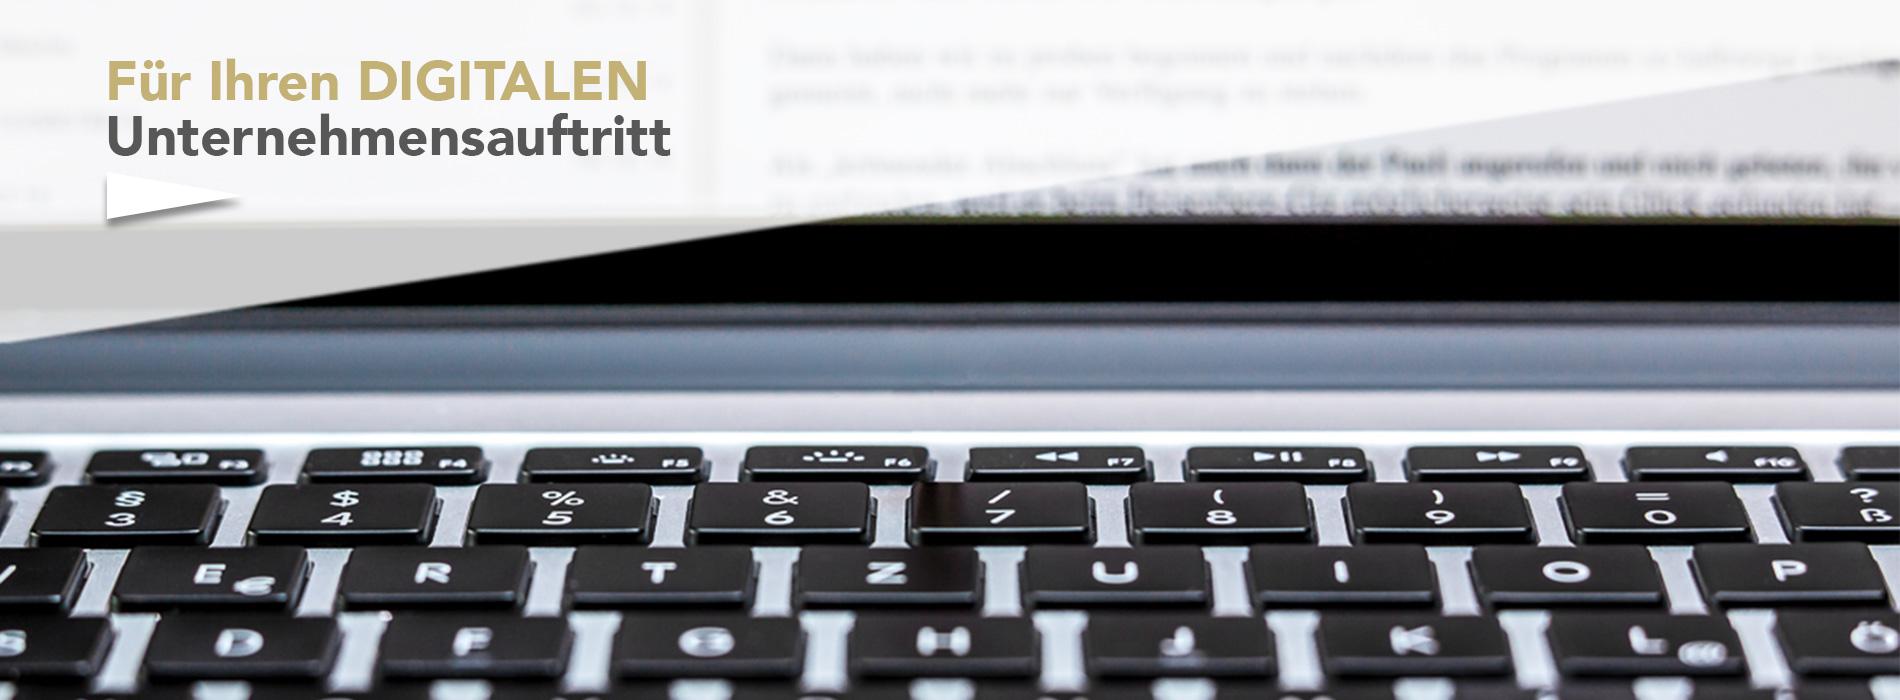 Ihr digitaler Unternehmensauftritt, hm-KommUNIKATion